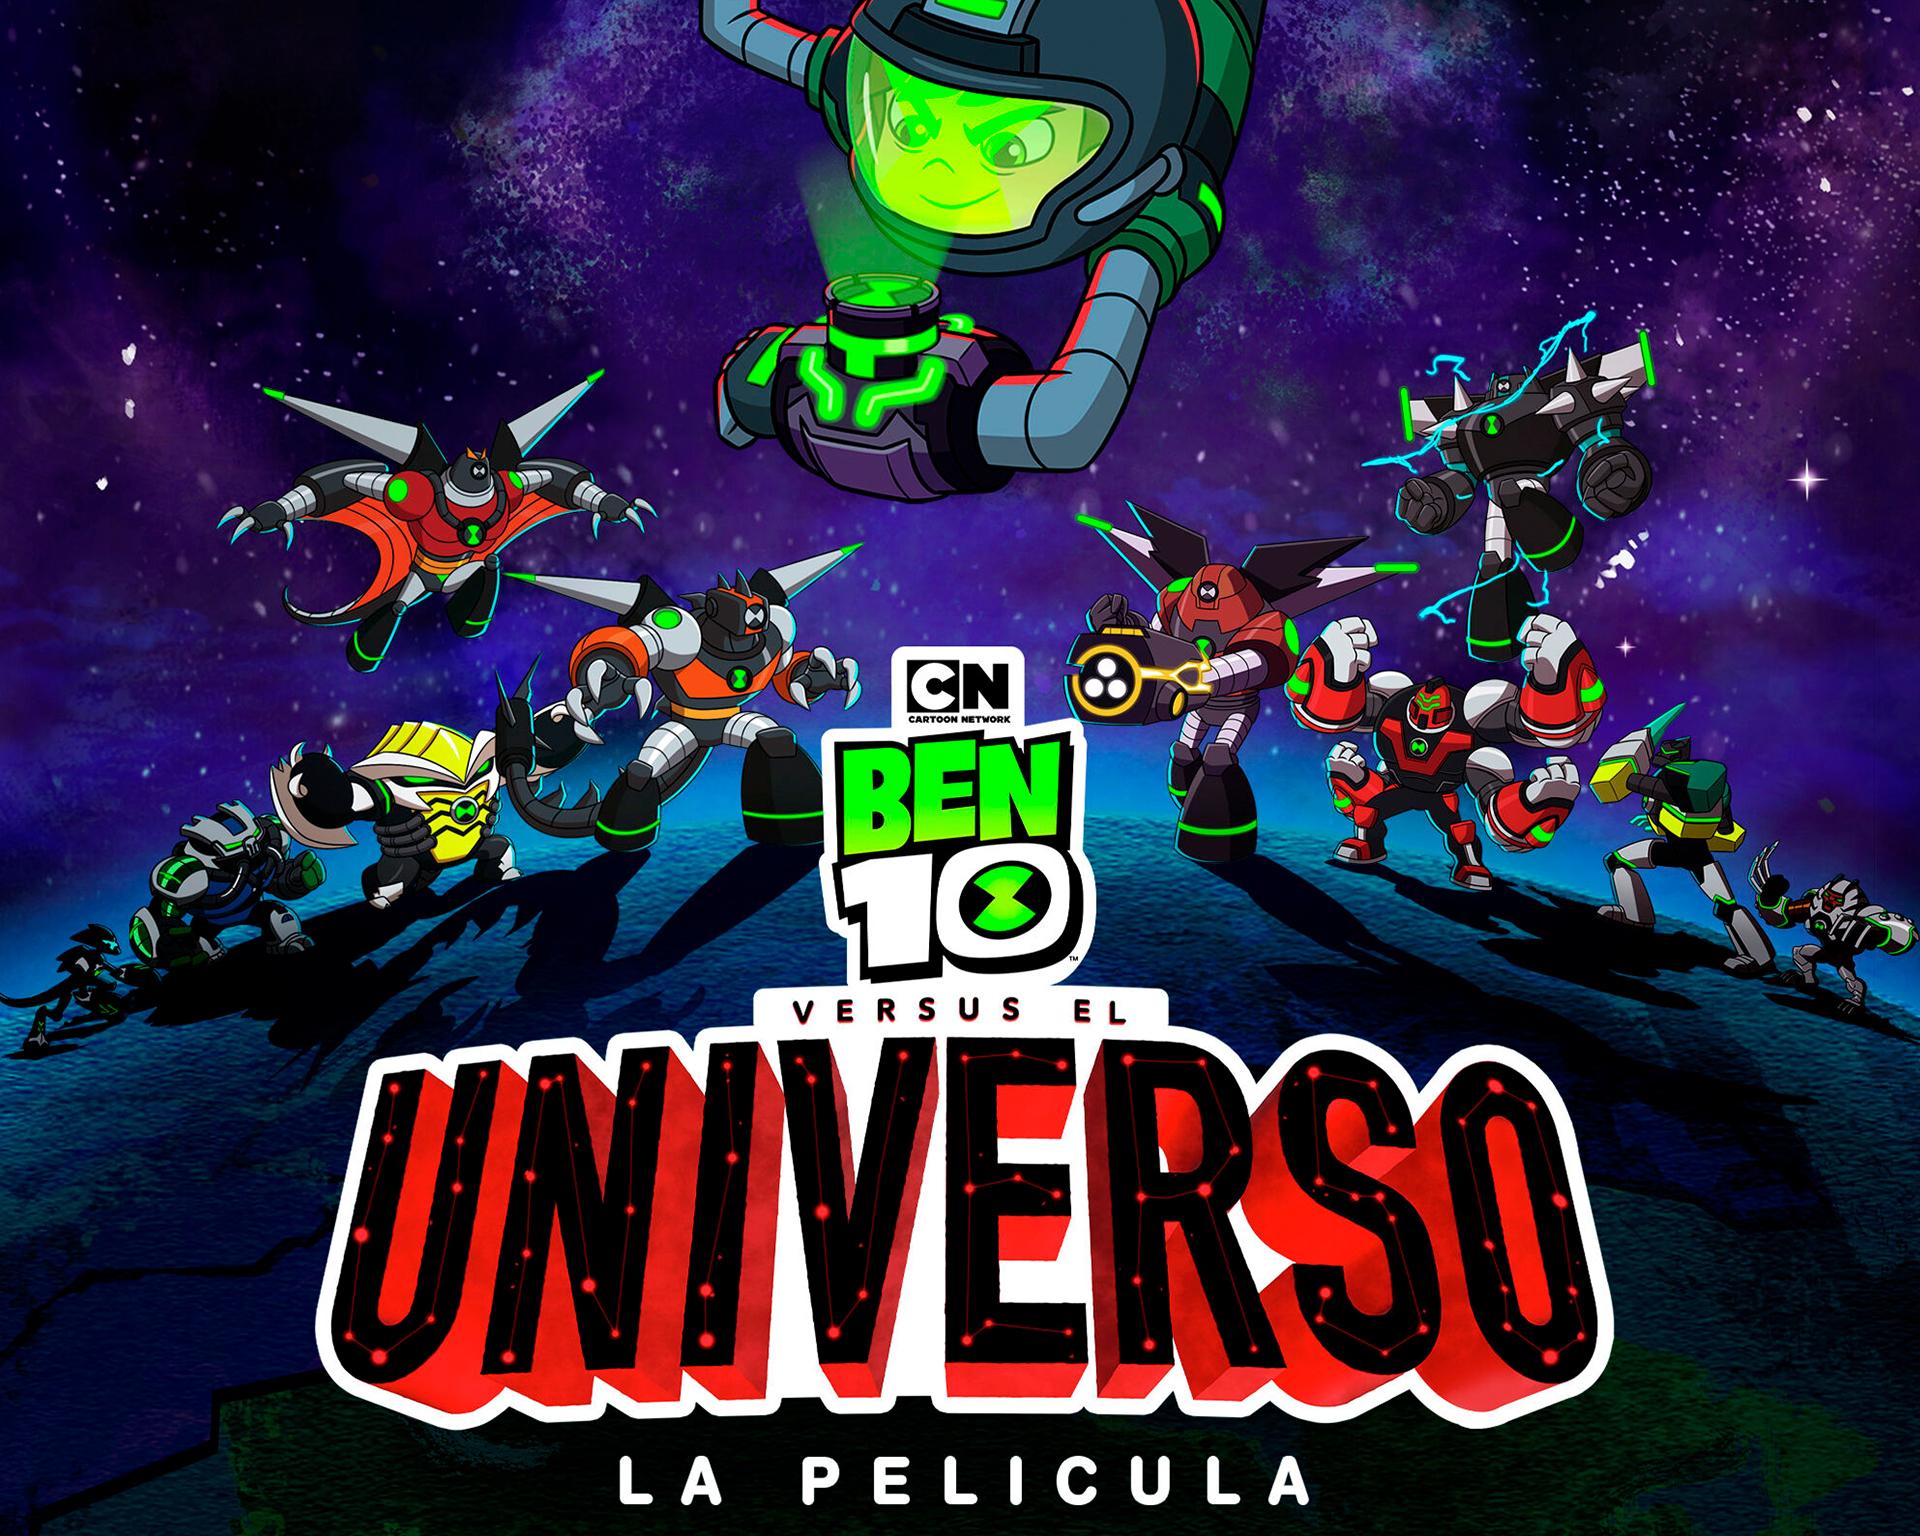 Ben 10 versus el Universo